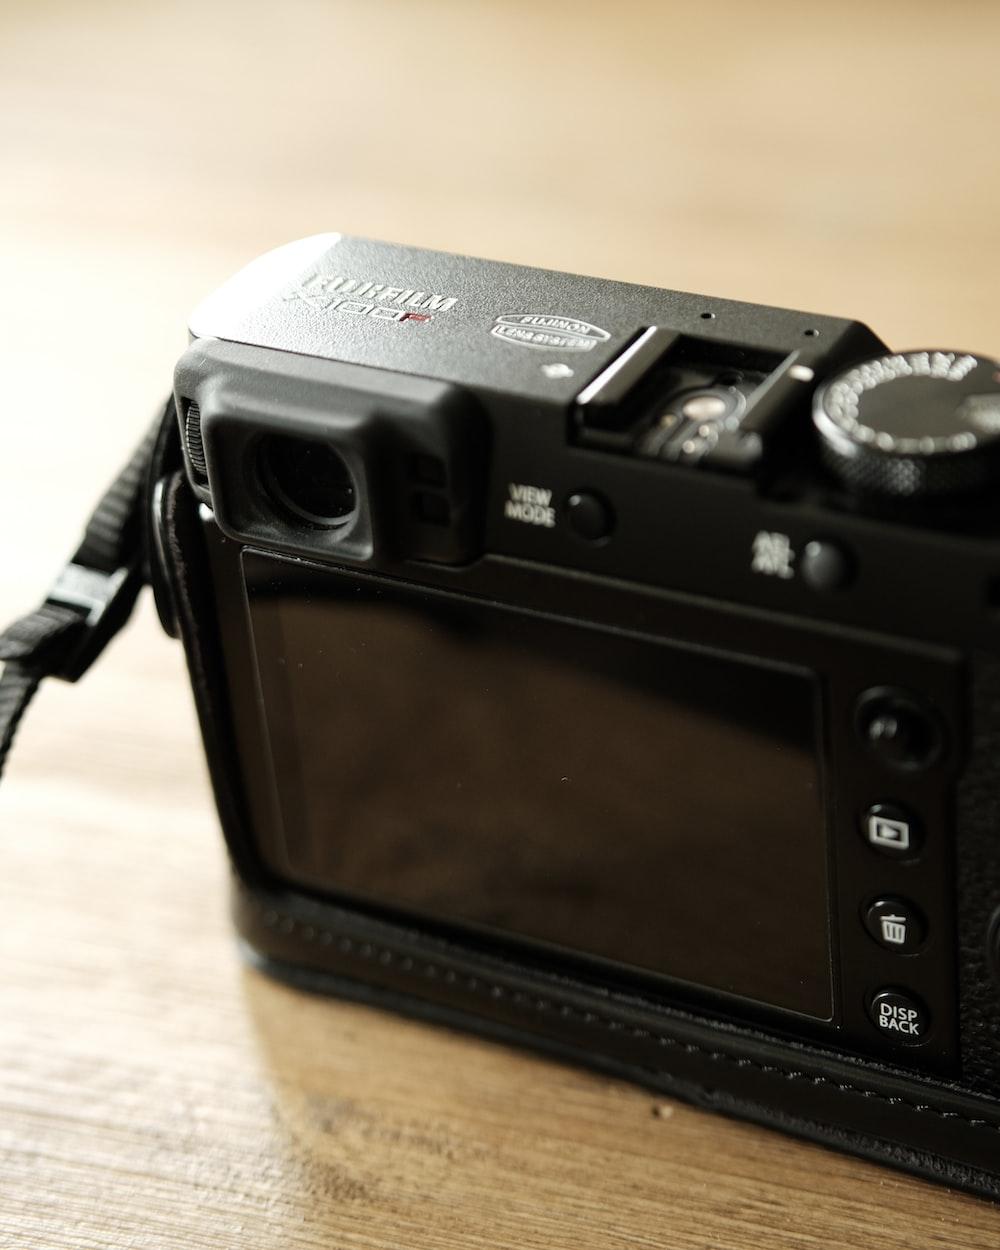 black Fujifilm camera on brown surface